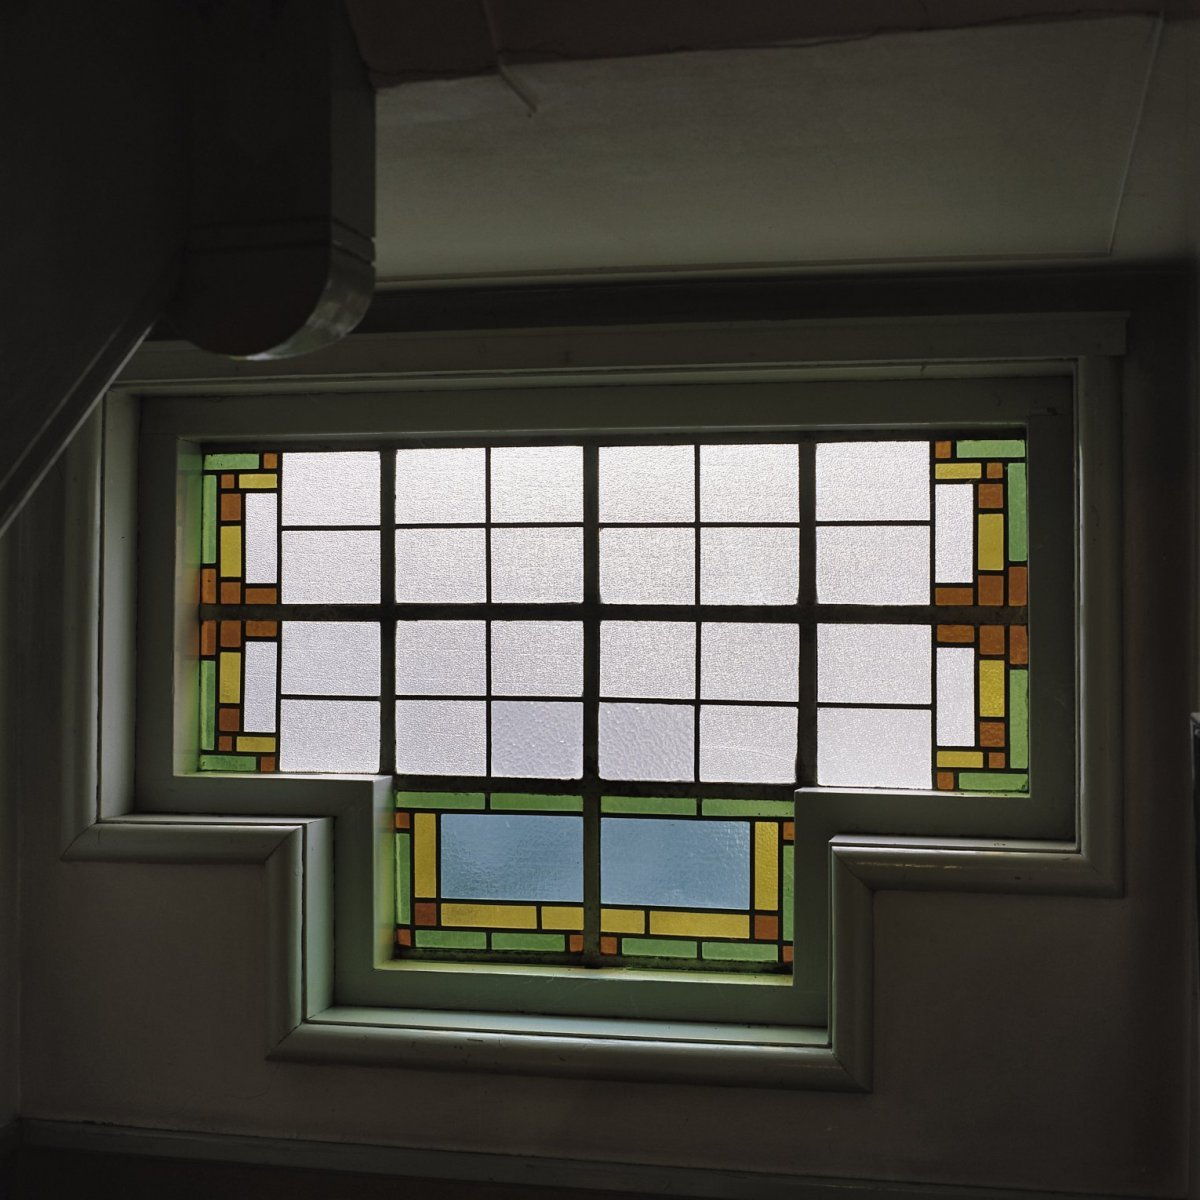 file interieur glas in loodraam in het trappenhuis tussen